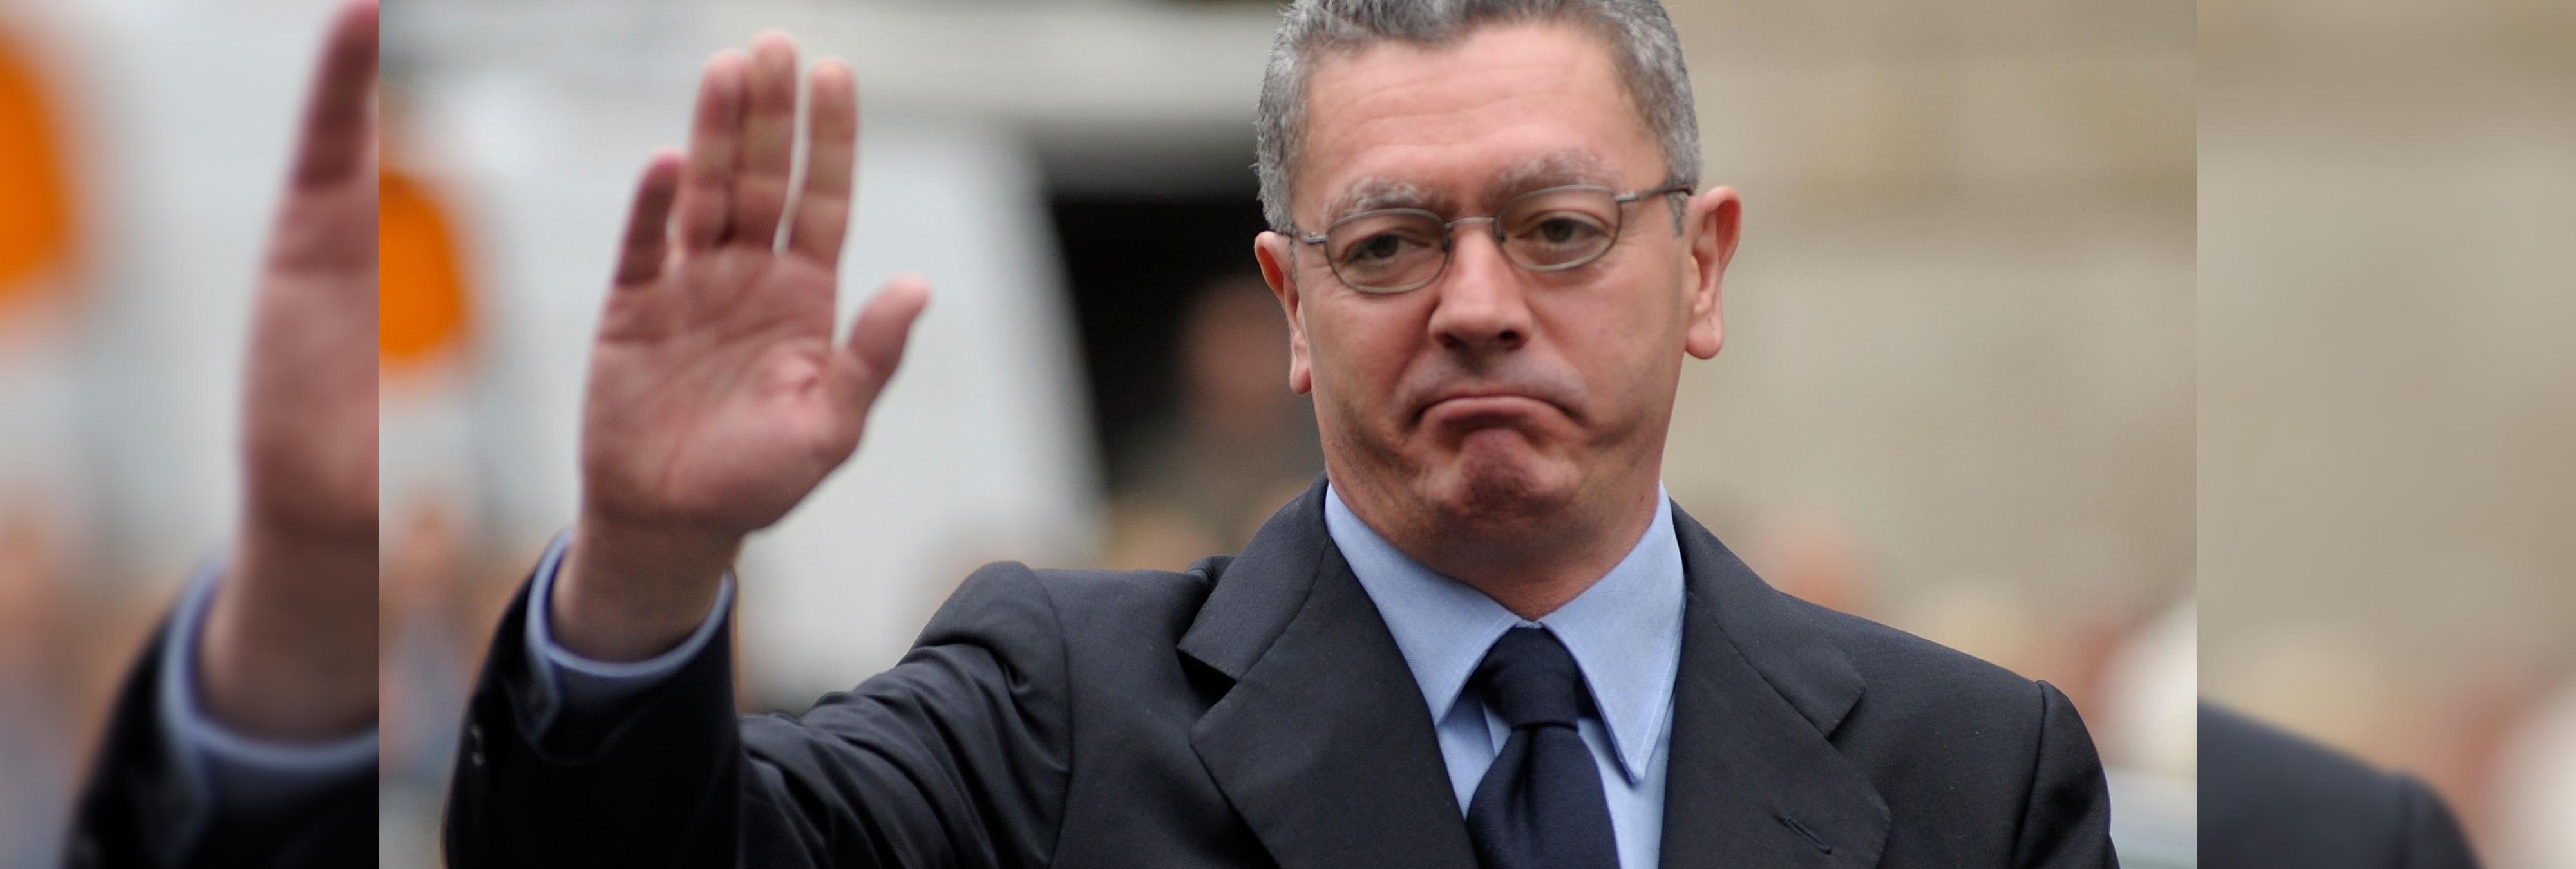 La Fiscalía se plantea imputar a Gallardón en la Operación Lezo